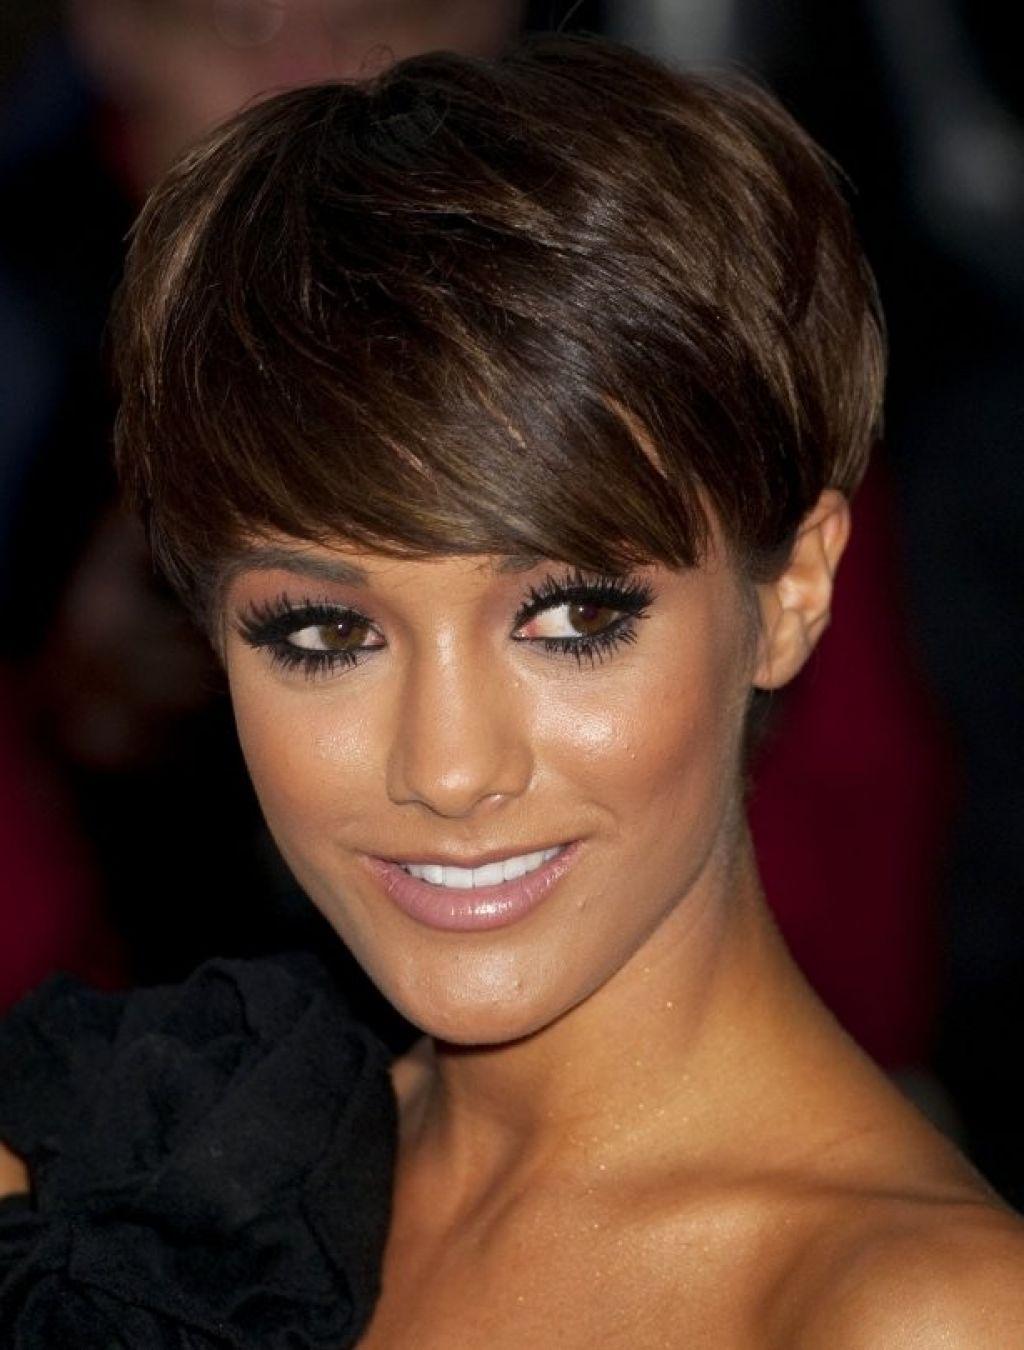 30 Chic and Beautiful Short Layered Haircuts